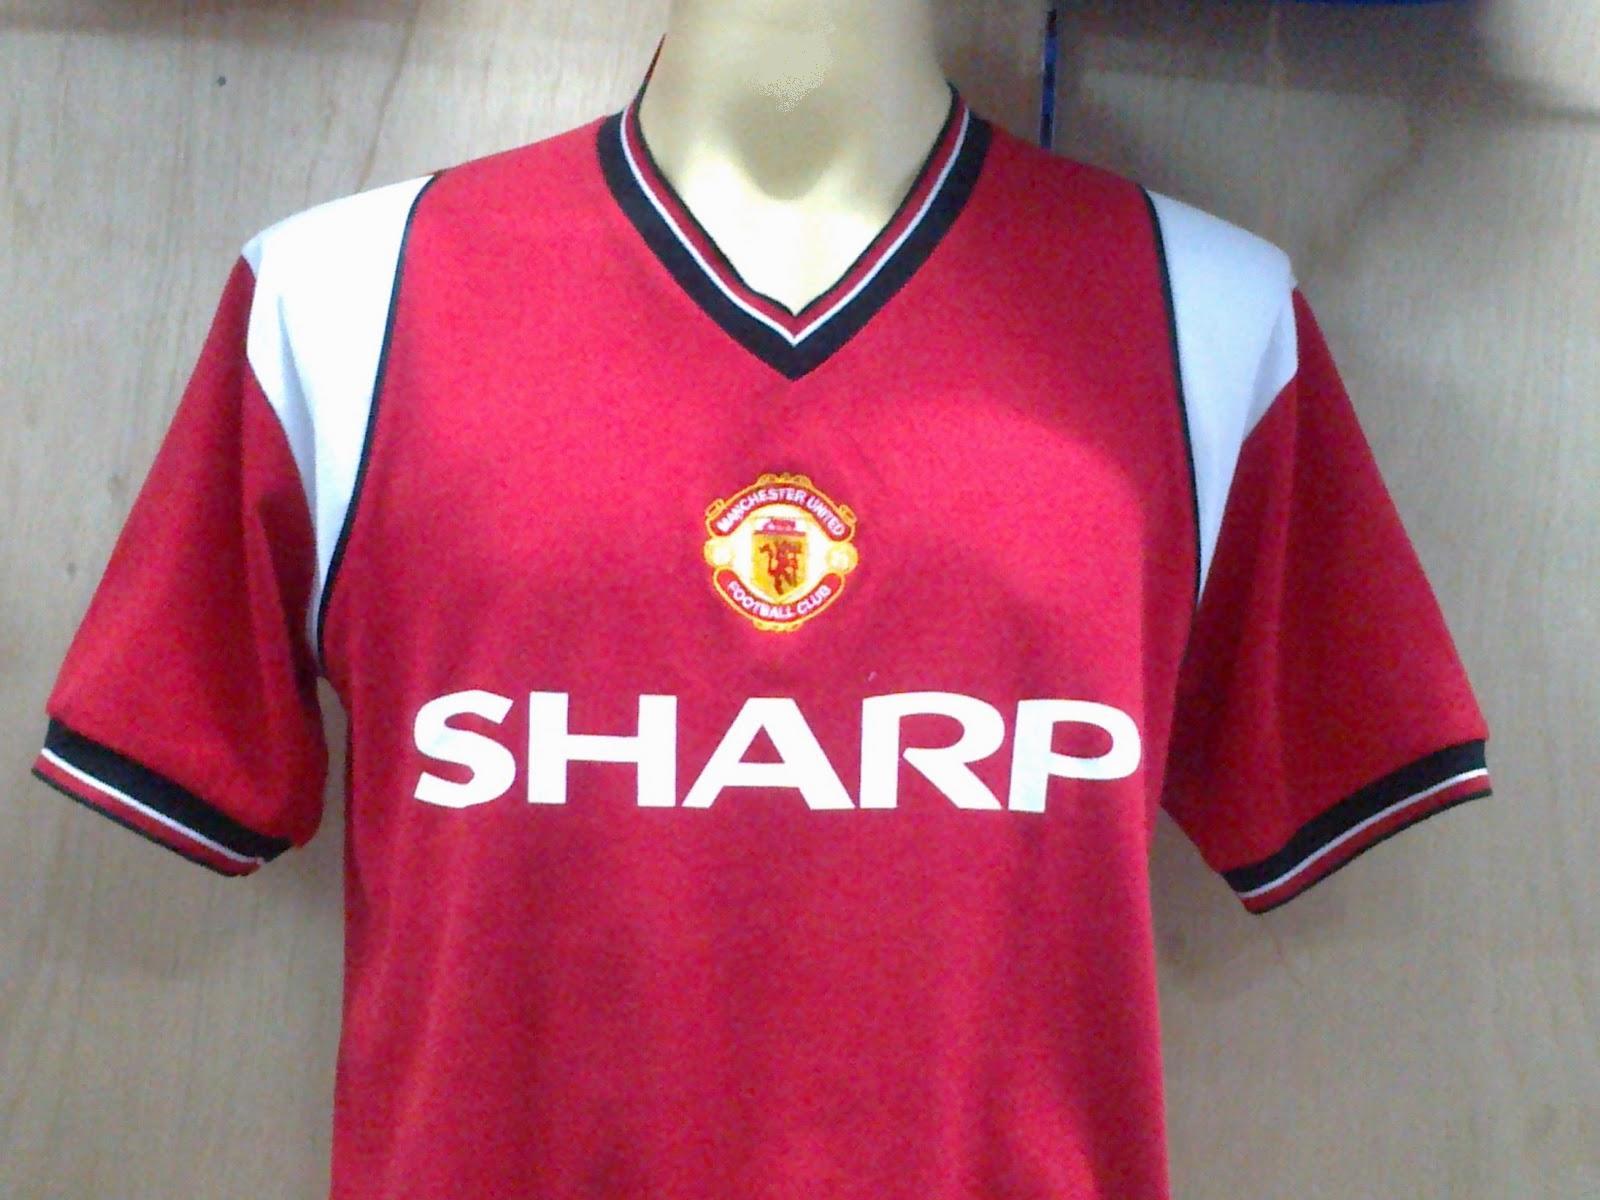 reputable site 25b96 30da5 AeroJersey: Manchester United FC (retro kits)